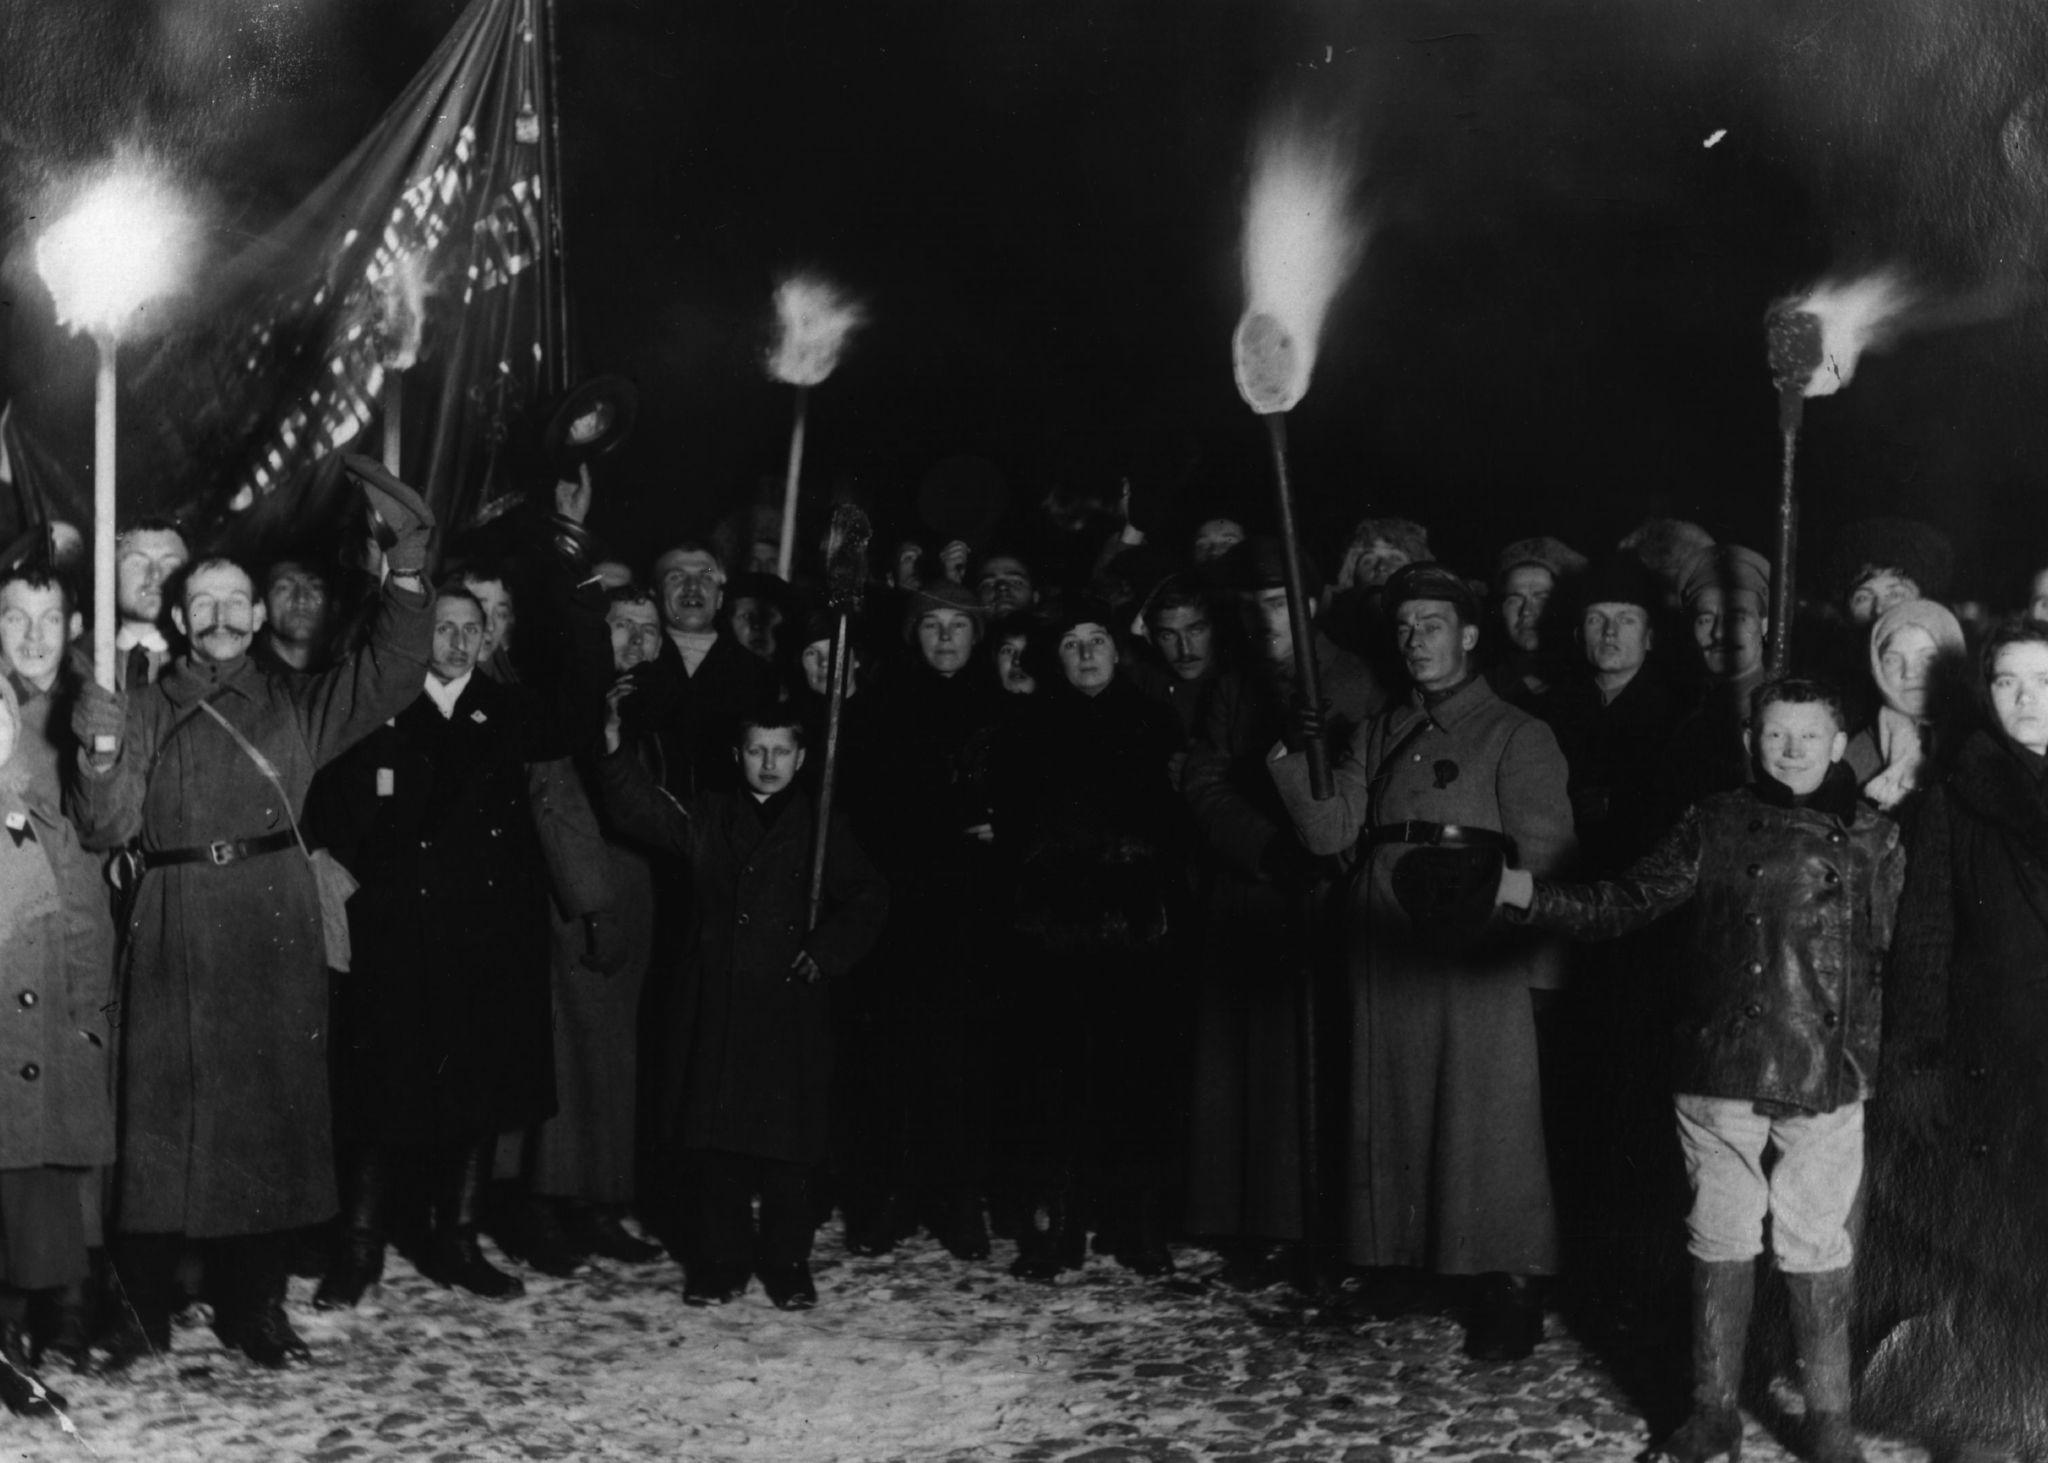 Толпа с плакатами и факелами в честь второй годовщины большевистской революции в Петрограде